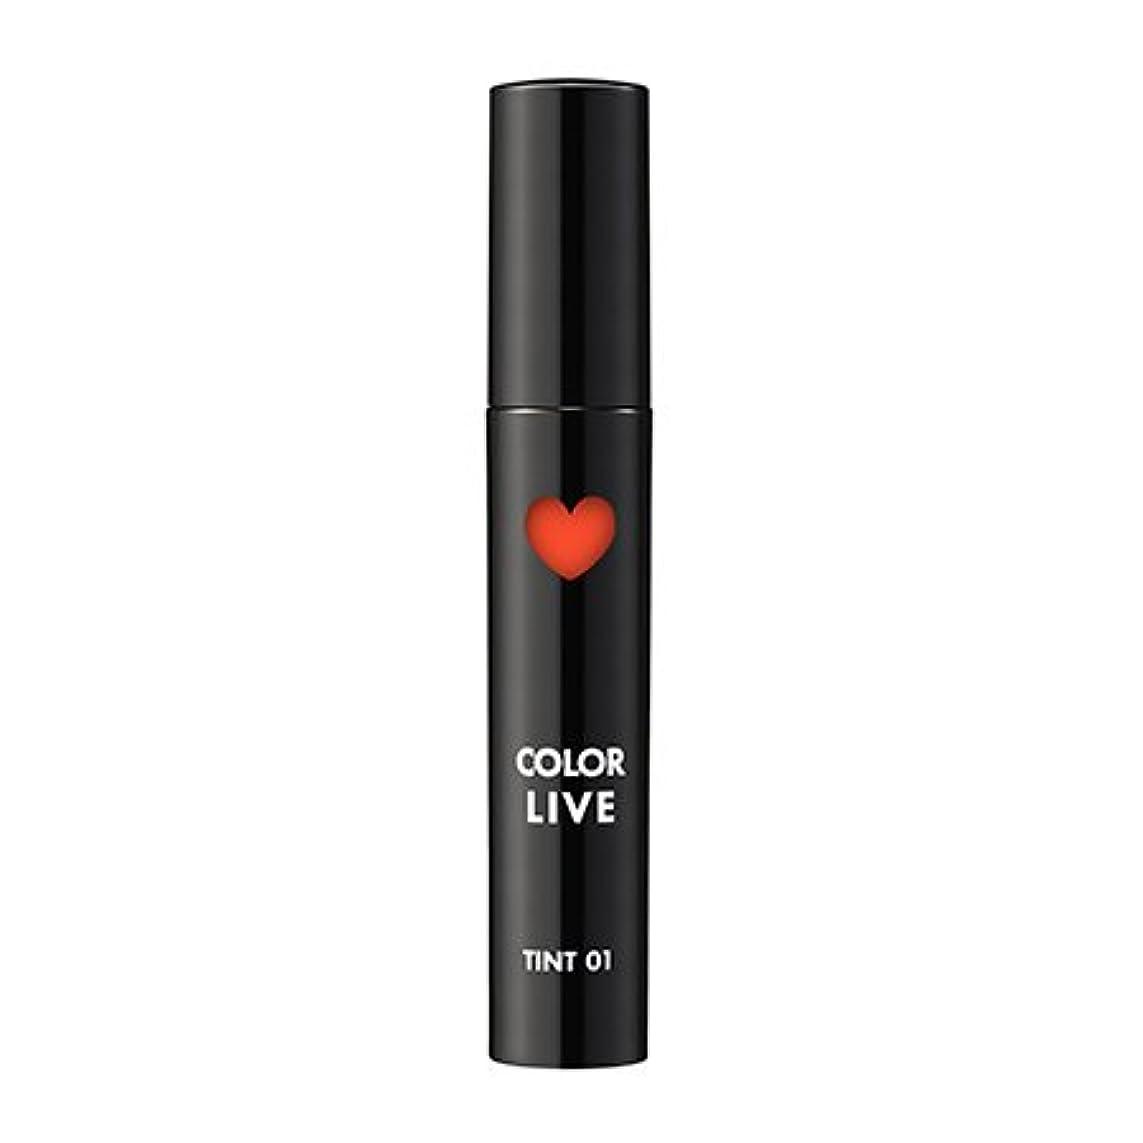 合成モロニック振り返るARITAUM Color Live Tint アリタウム カラーライブティント (#09 Coral Tower) [並行輸入品]